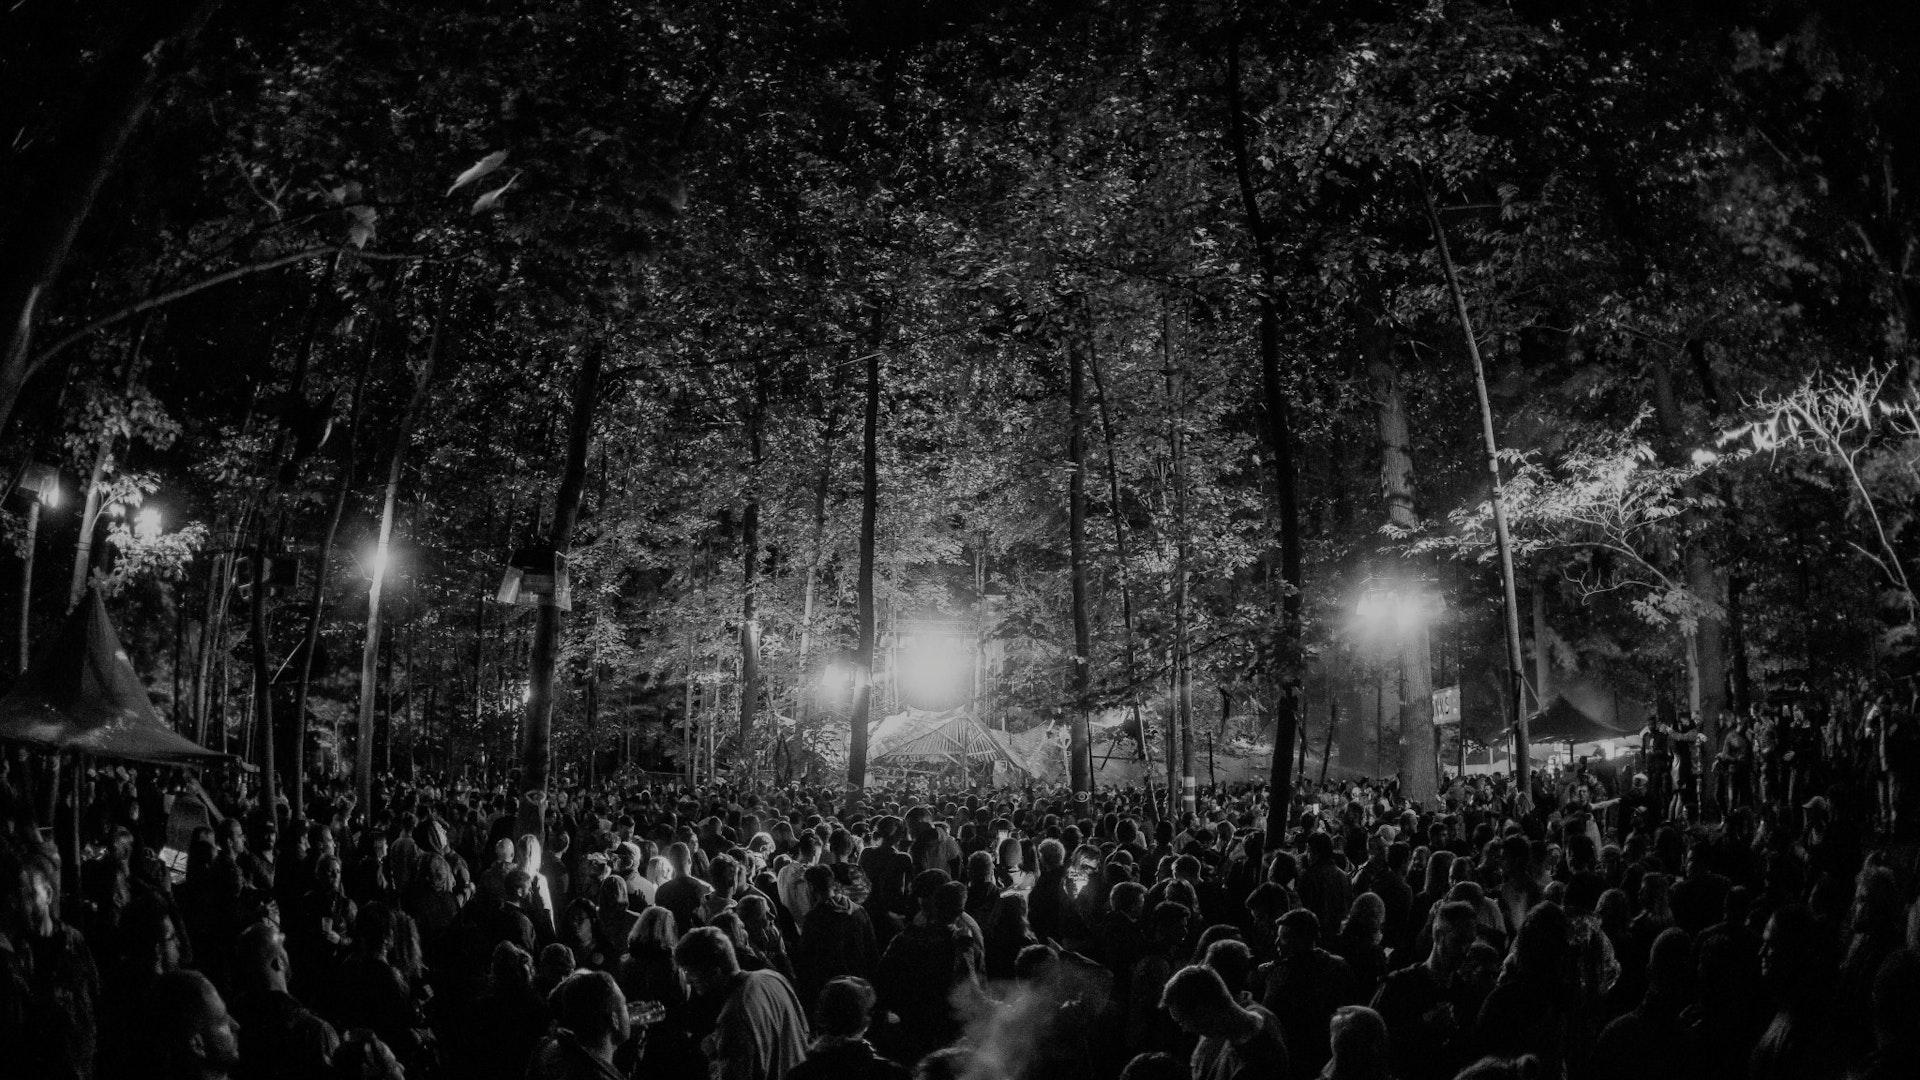 Sfeerfoto van Voodoo Village 2019